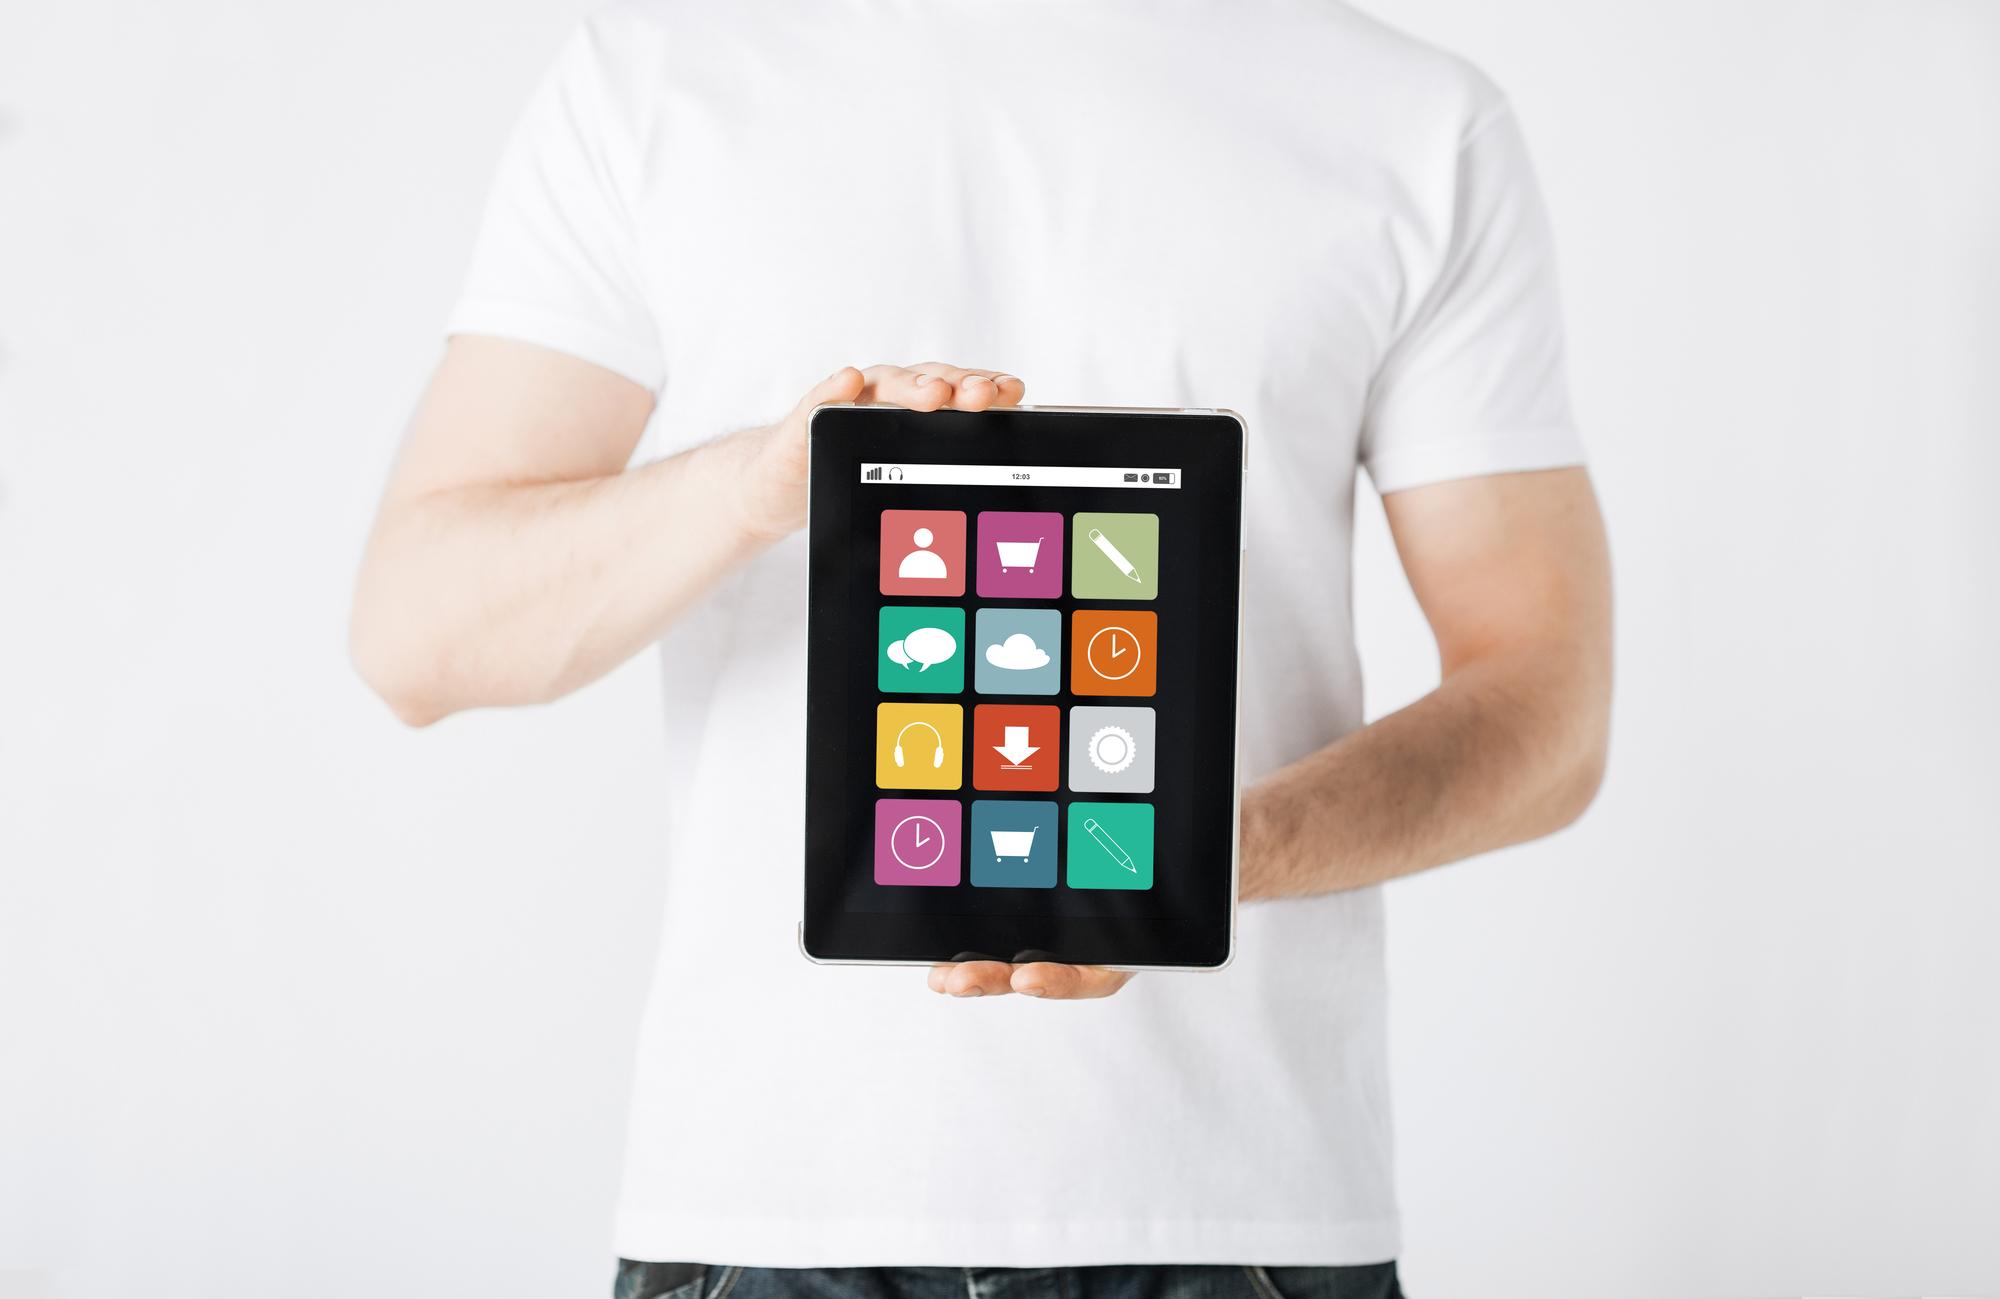 作業を手軽に自動化できるZapier(ザピアー)とは?ツールの特徴と基本的な使い方を紹介